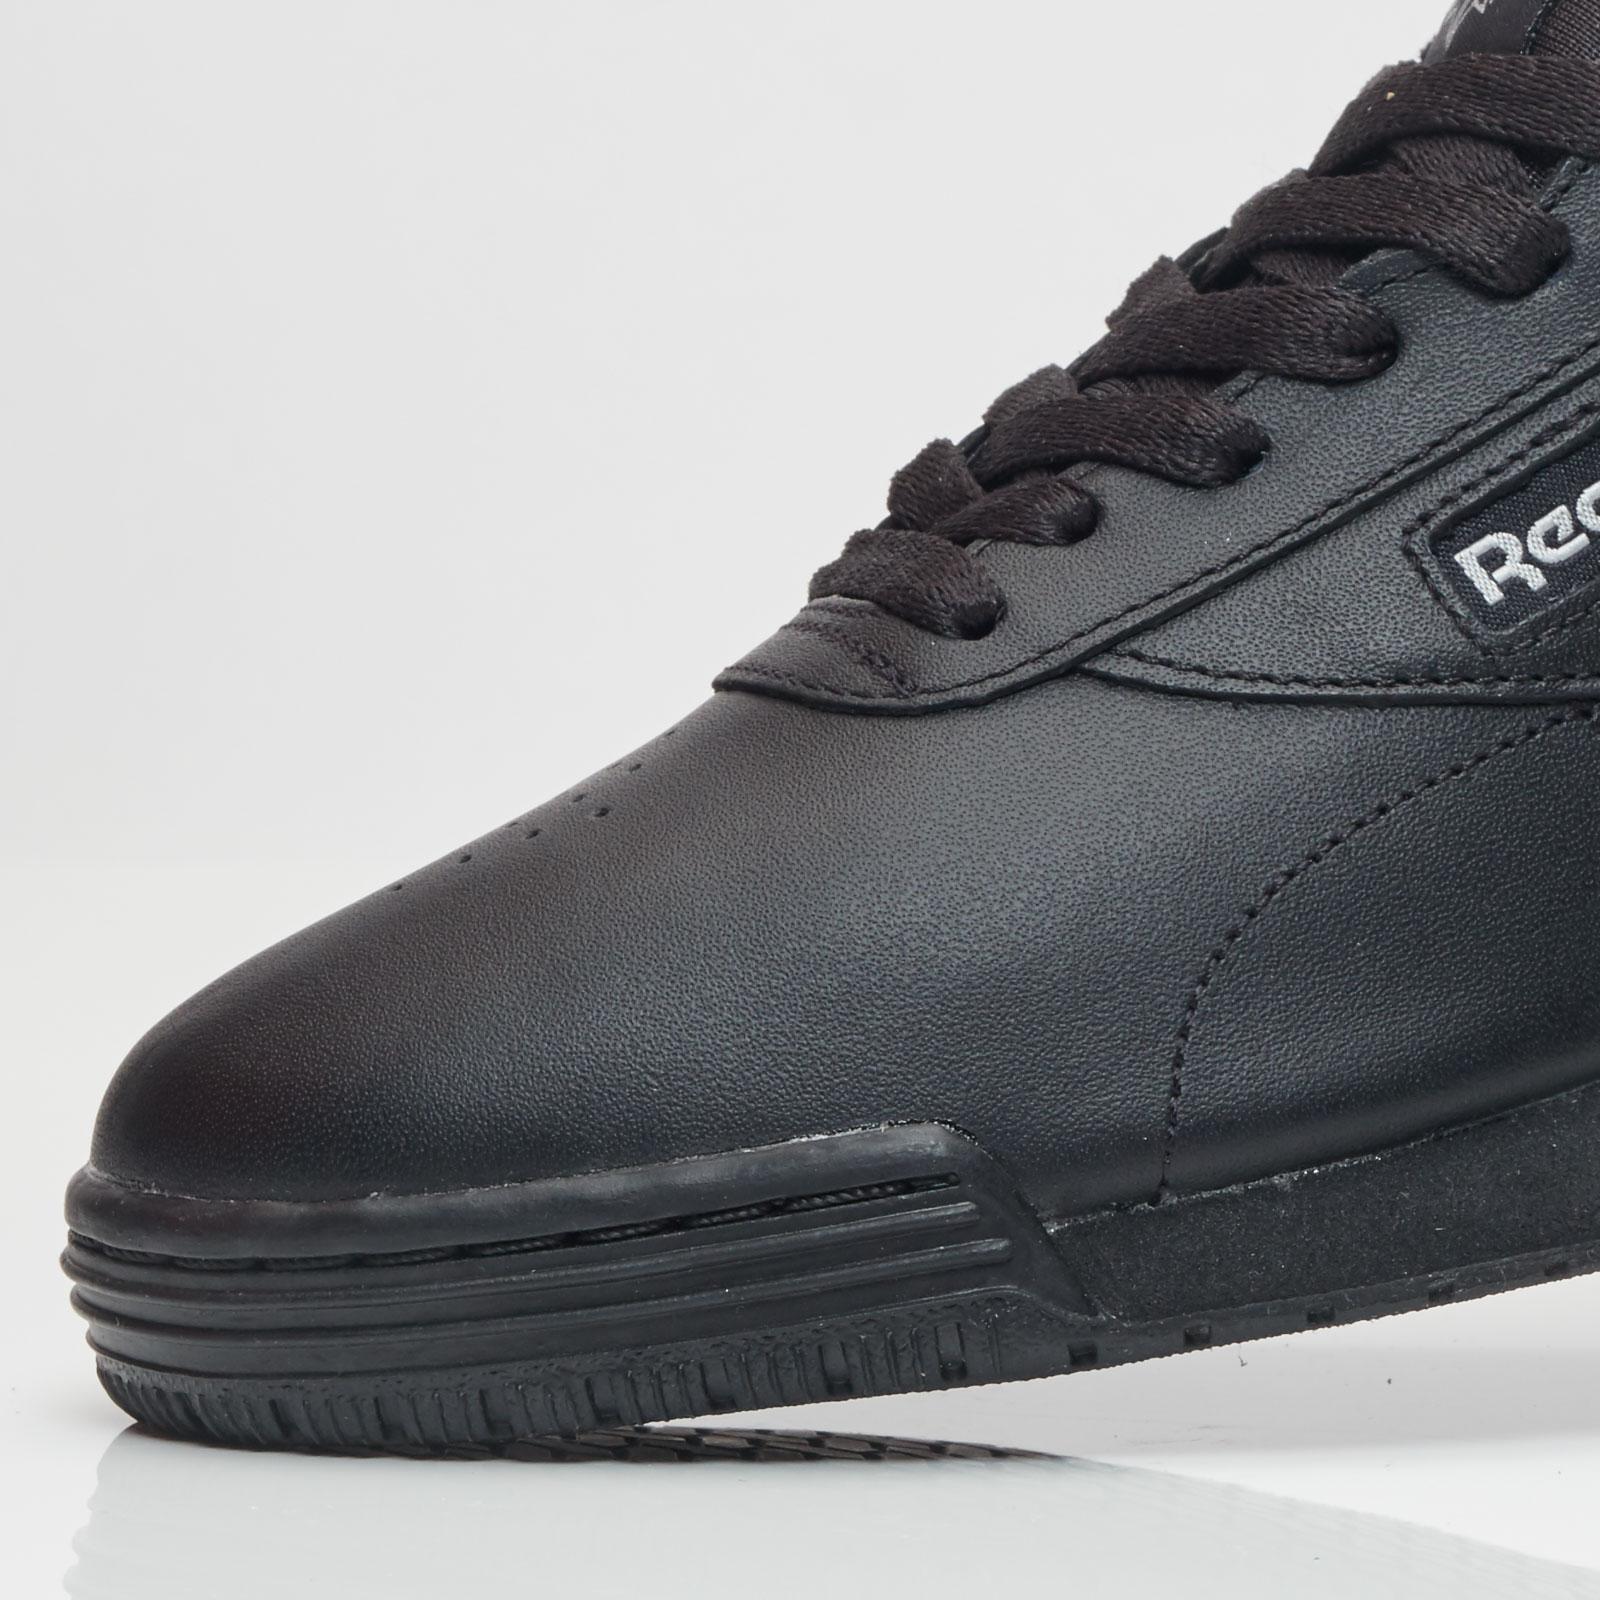 b7d84100f61 Reebok Exofit Lo Clean Logo int - Ar3168 - Sneakersnstuff